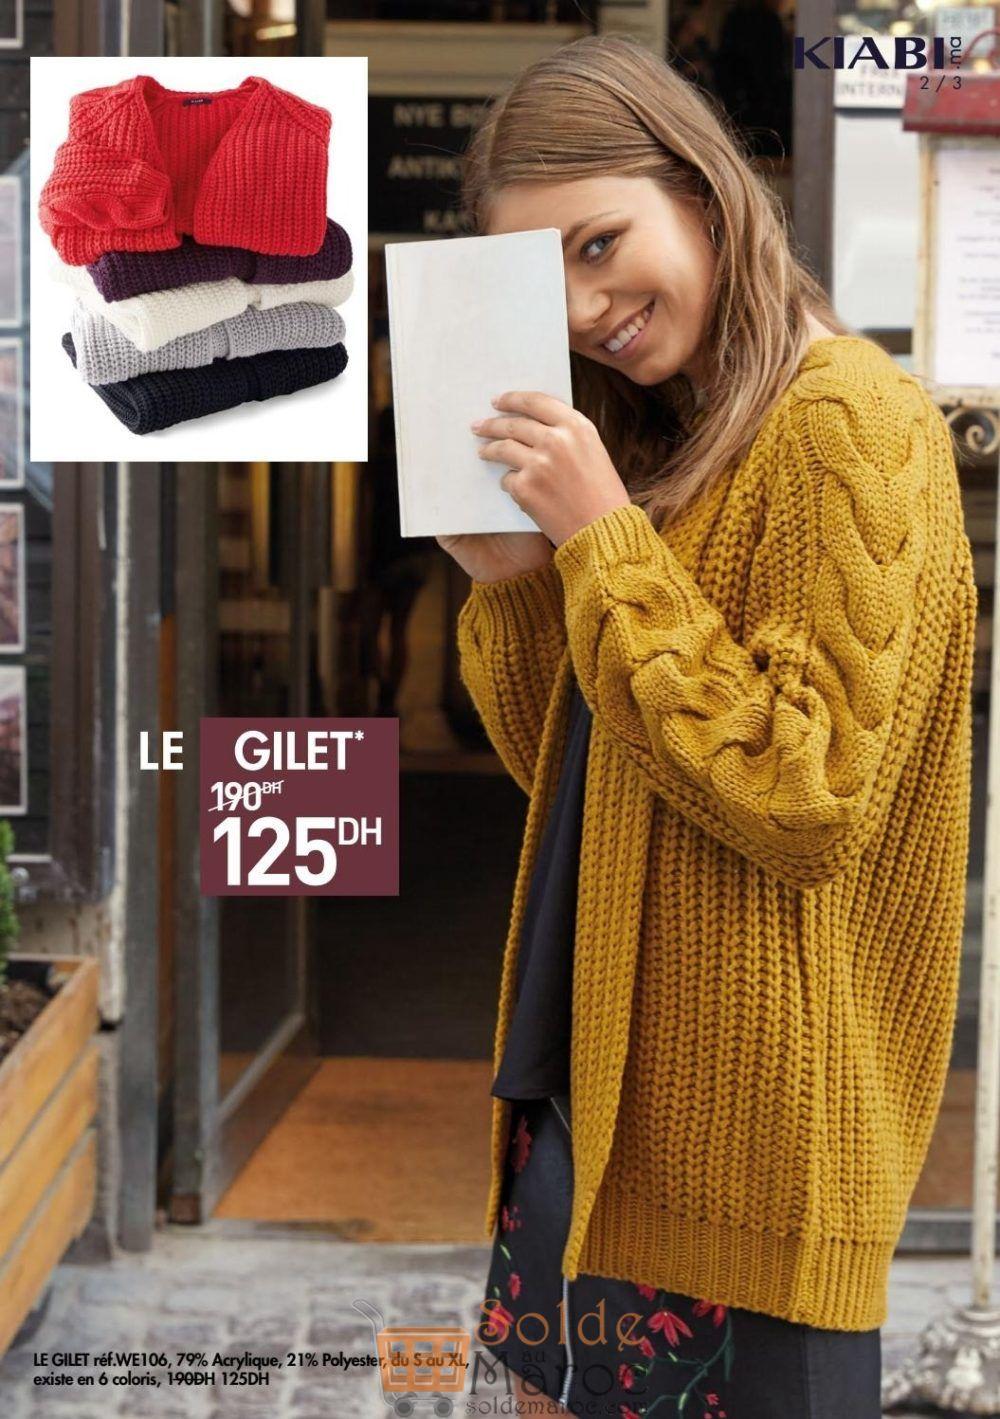 Catalogue Kiabi Maroc Dressing d'automne jusqu'au 13 Novembre 2018